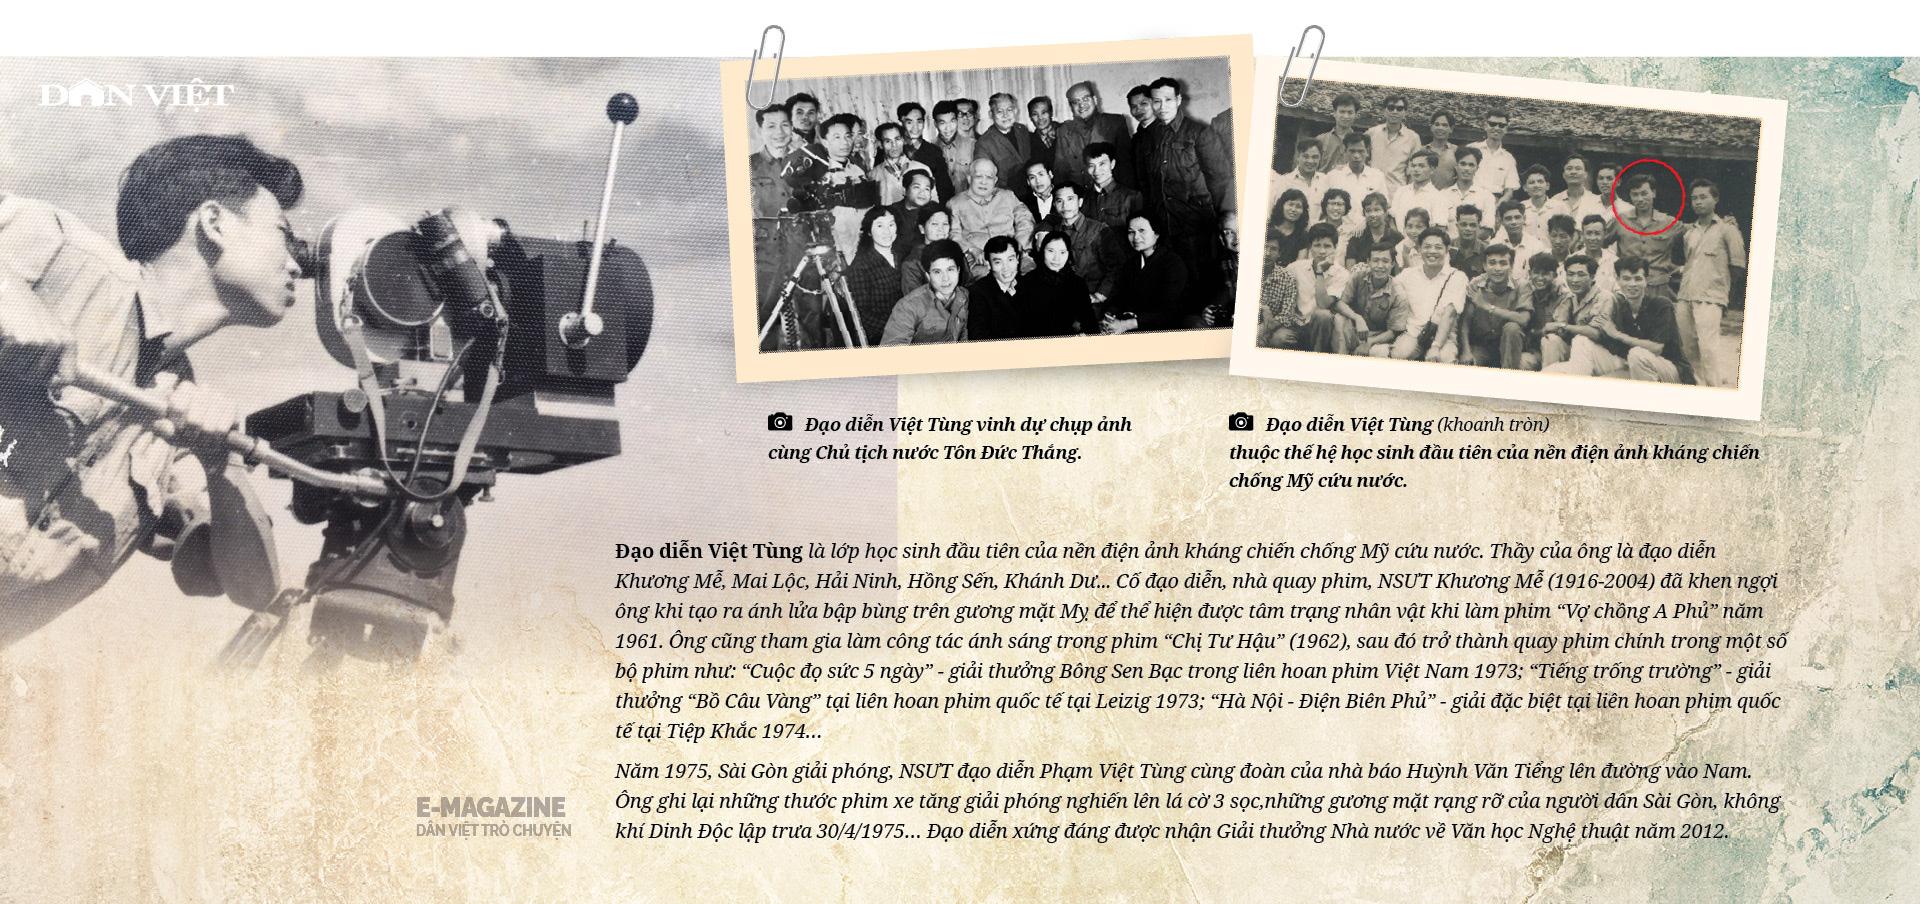 """Đạo diễn, NSƯT Phạm Việt Tùng: """"Có những sự thật 30/4/1975 cần làm sáng tỏ để không phải xấu hổ trước lịch sử""""  - Ảnh 16."""